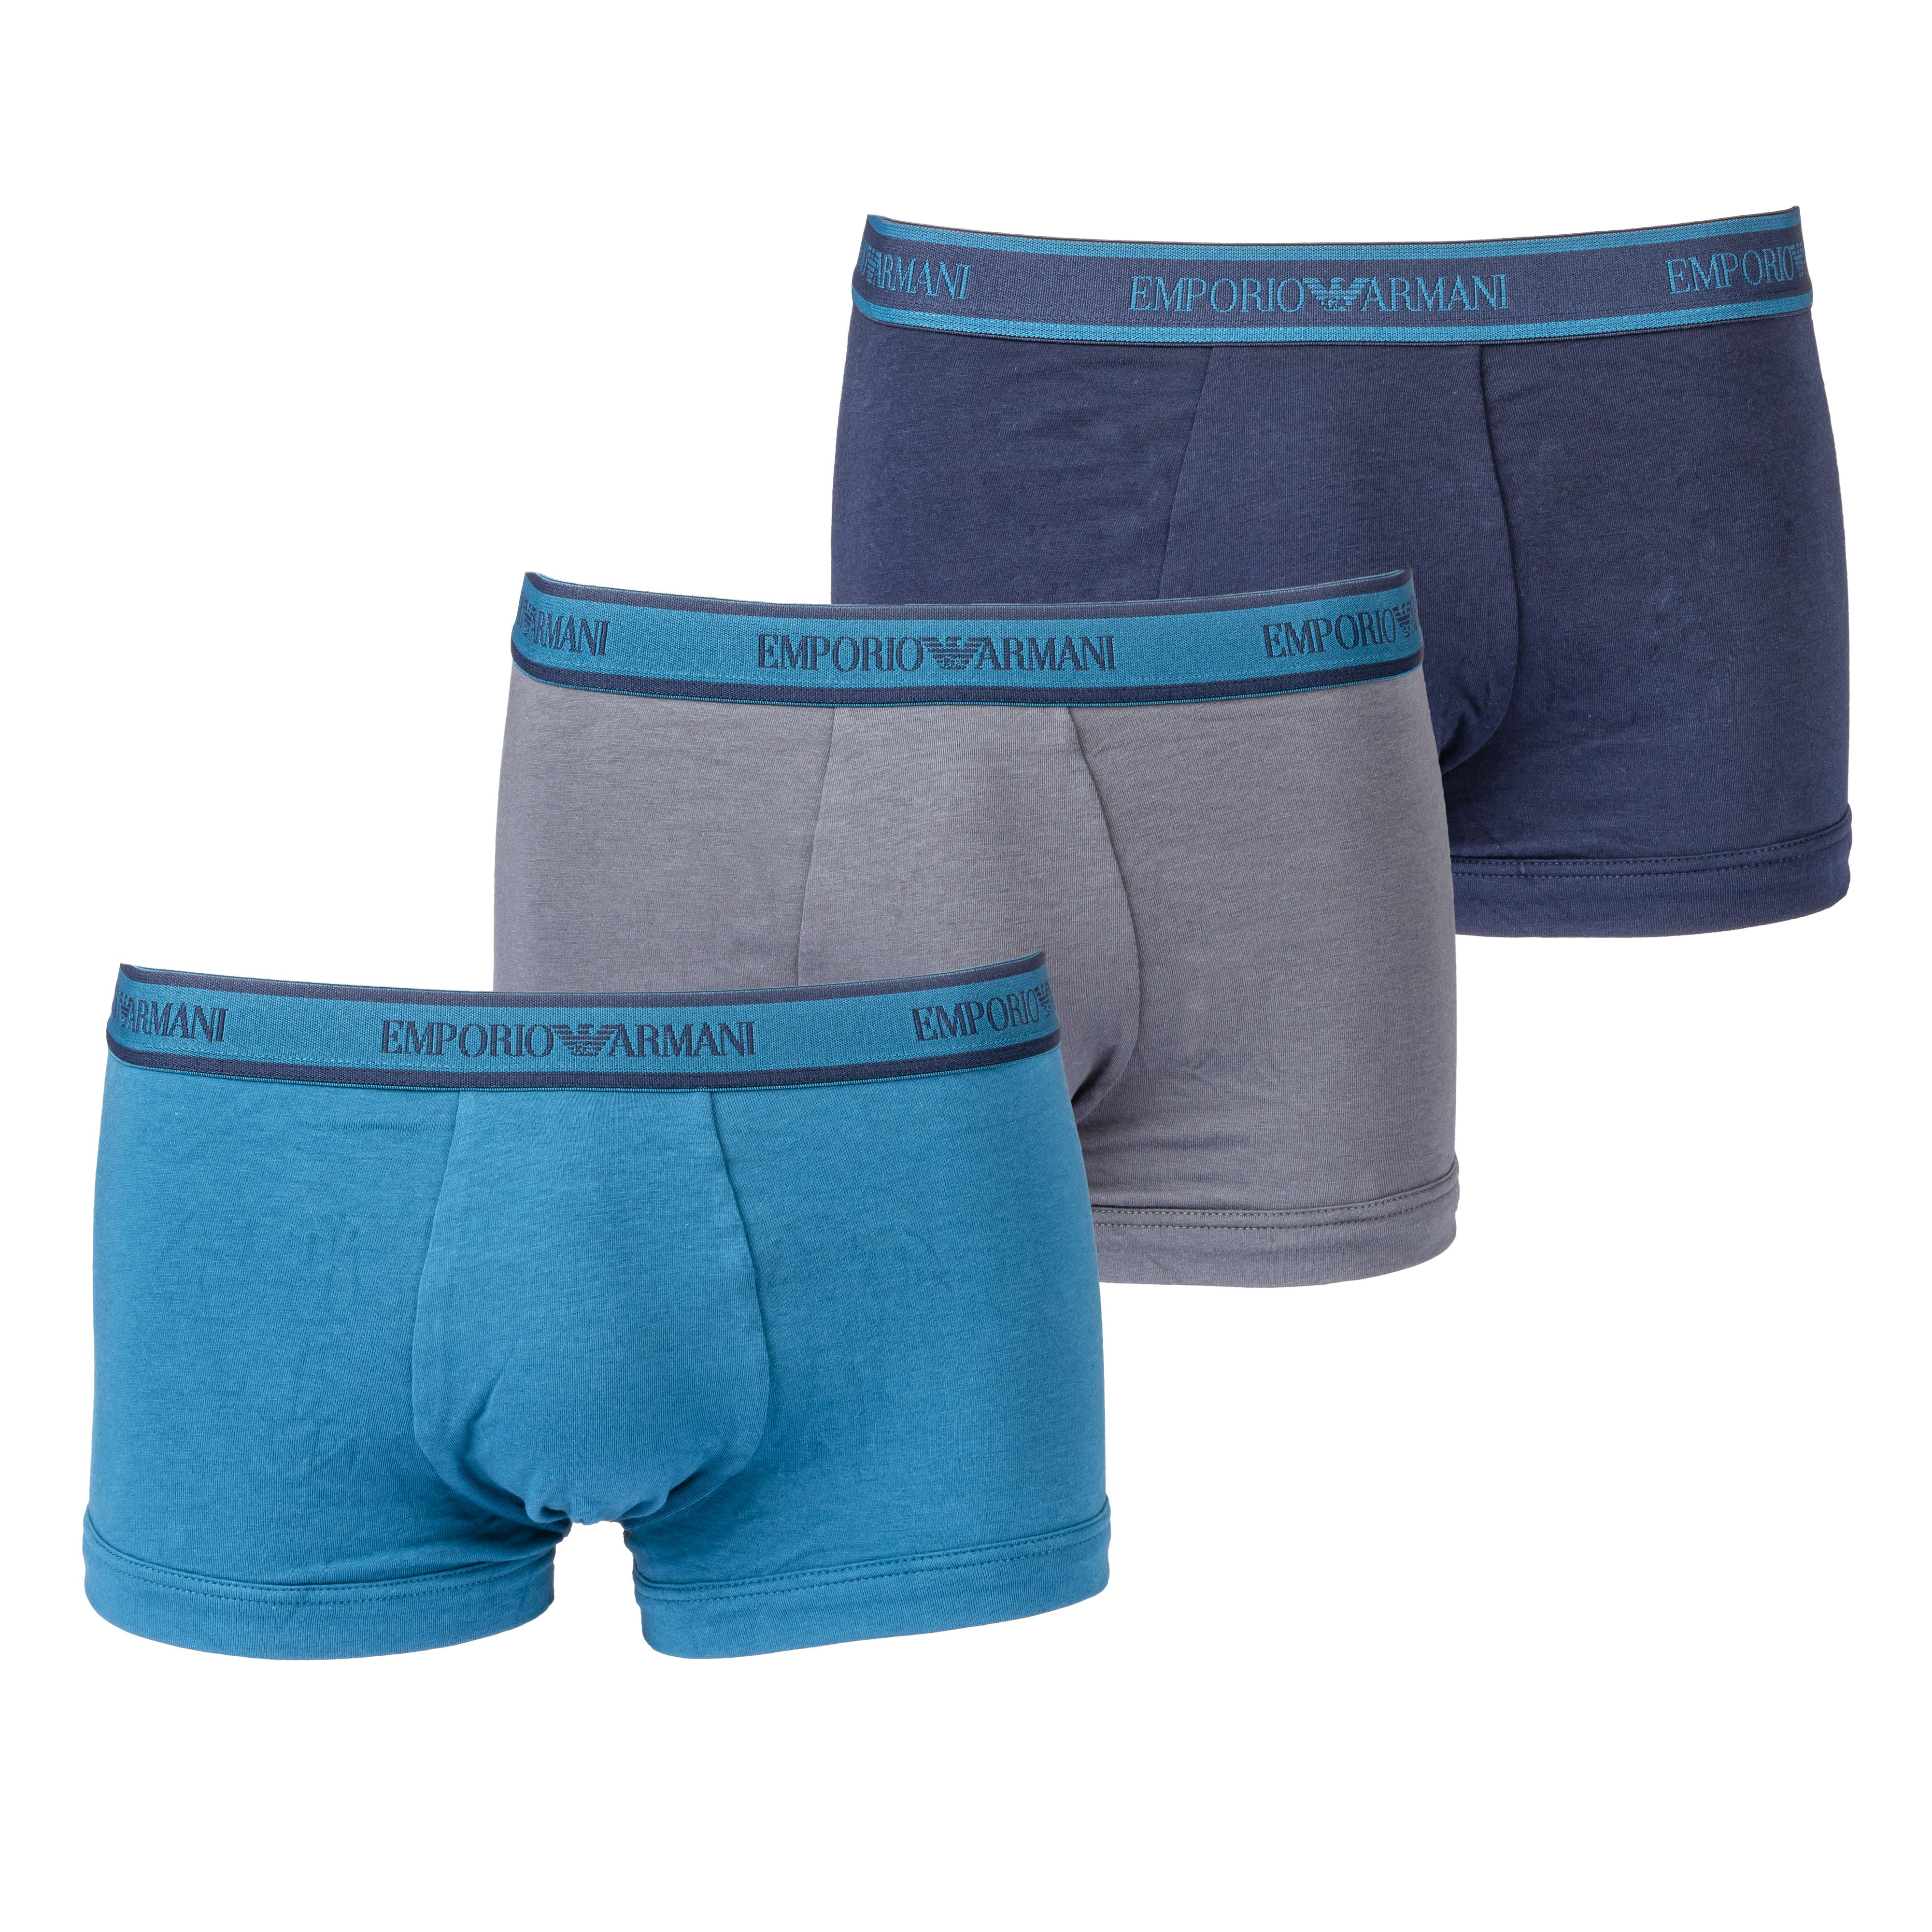 Lot de 3 boxers  en coton stretch bleu marine, bleu pétrole et gris